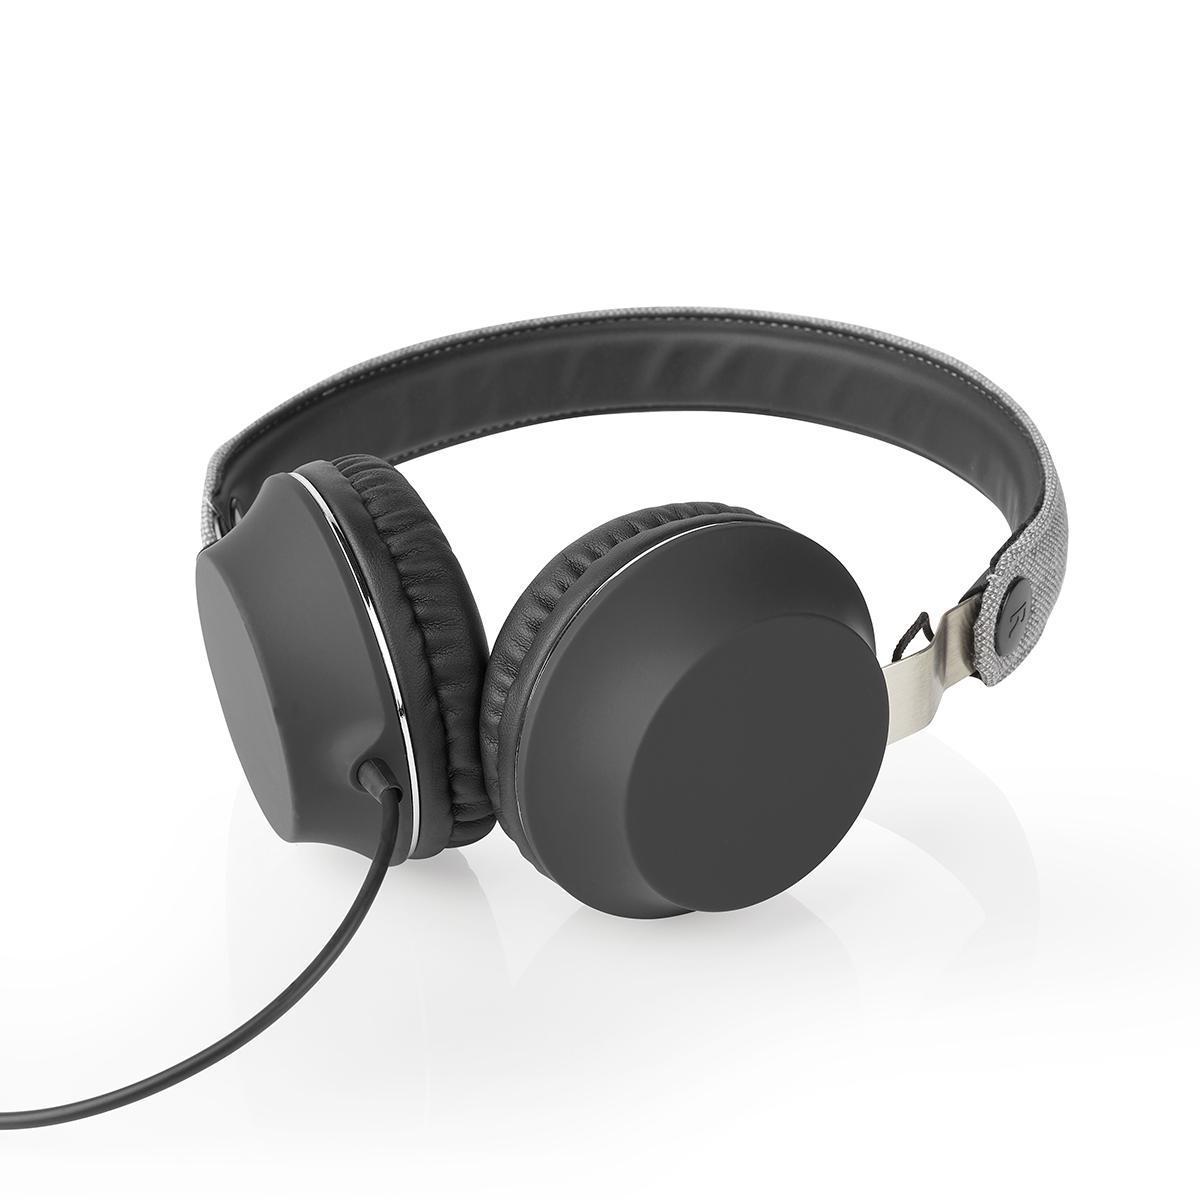 3.5 mm Seill/änge: 1.20 m 85 dB Schwarz Schwarz 1.20 m NEDIS On-Ear-Kopfh/örer mit Kabel On-Ear-Kopfh/örer mit Kabel